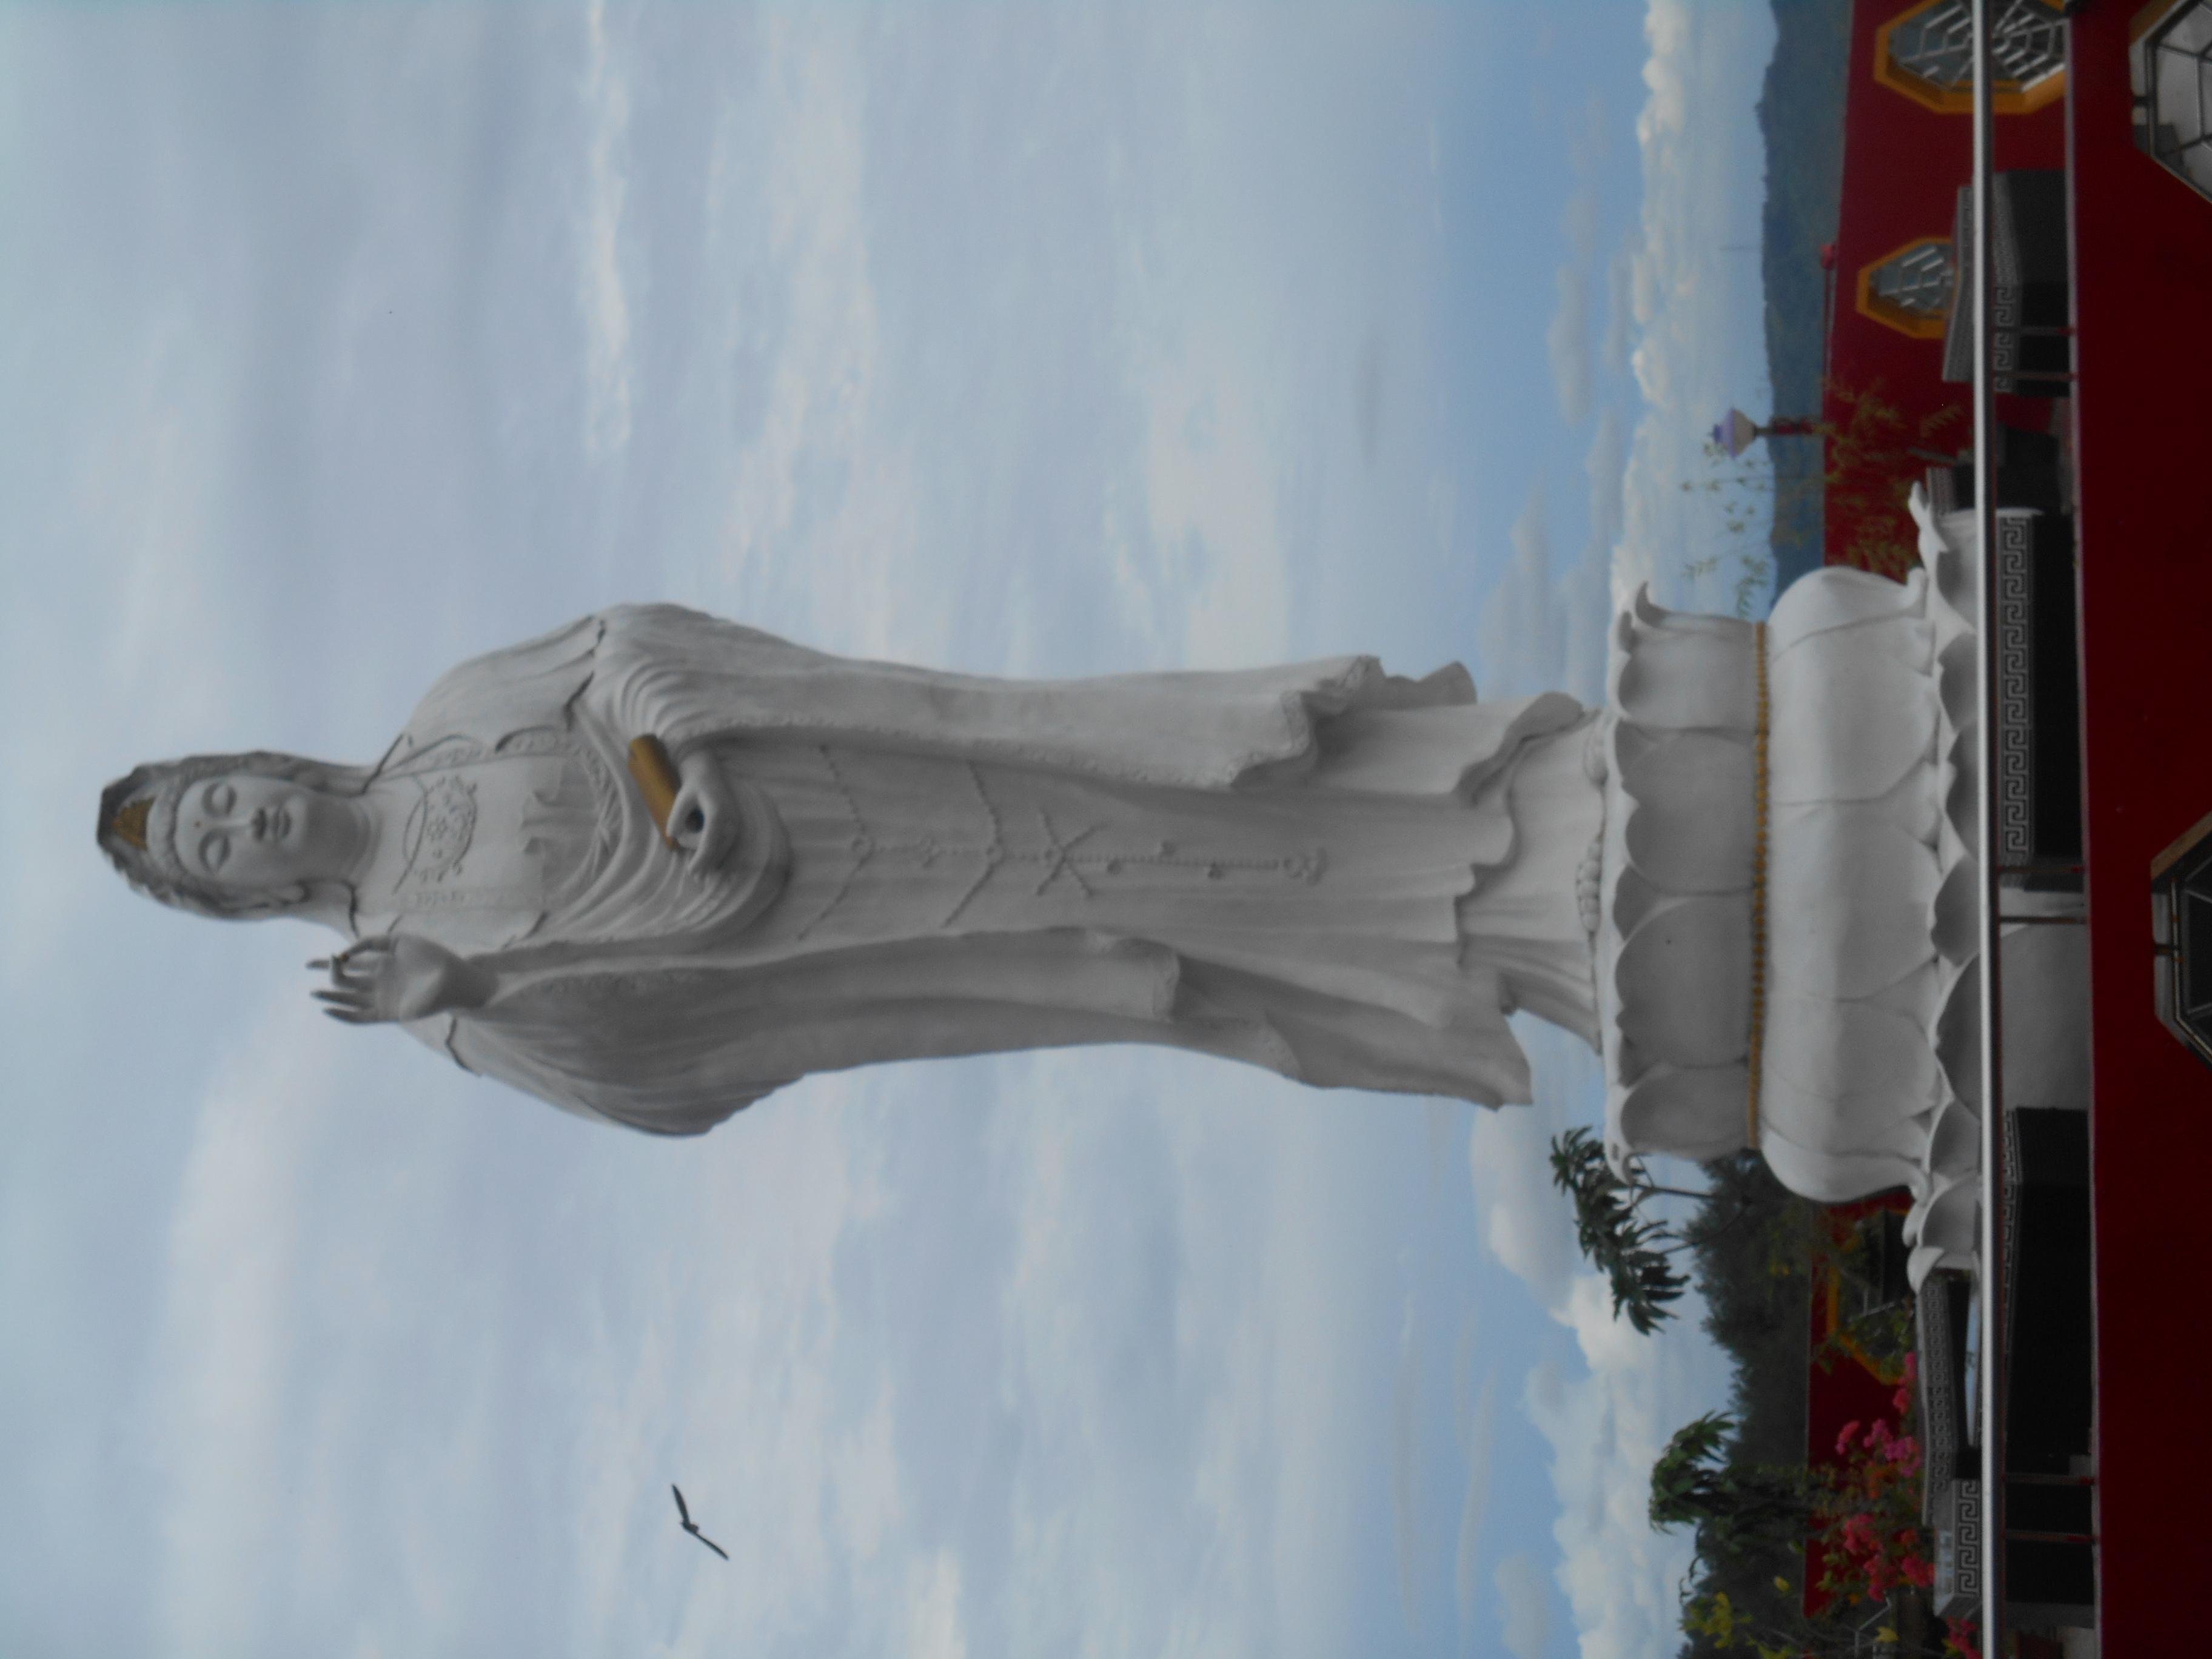 Vihara Avalokitesvara Gunung Kalong Ungaran Semarang Dscn1974 Jpg Klenteng Kab